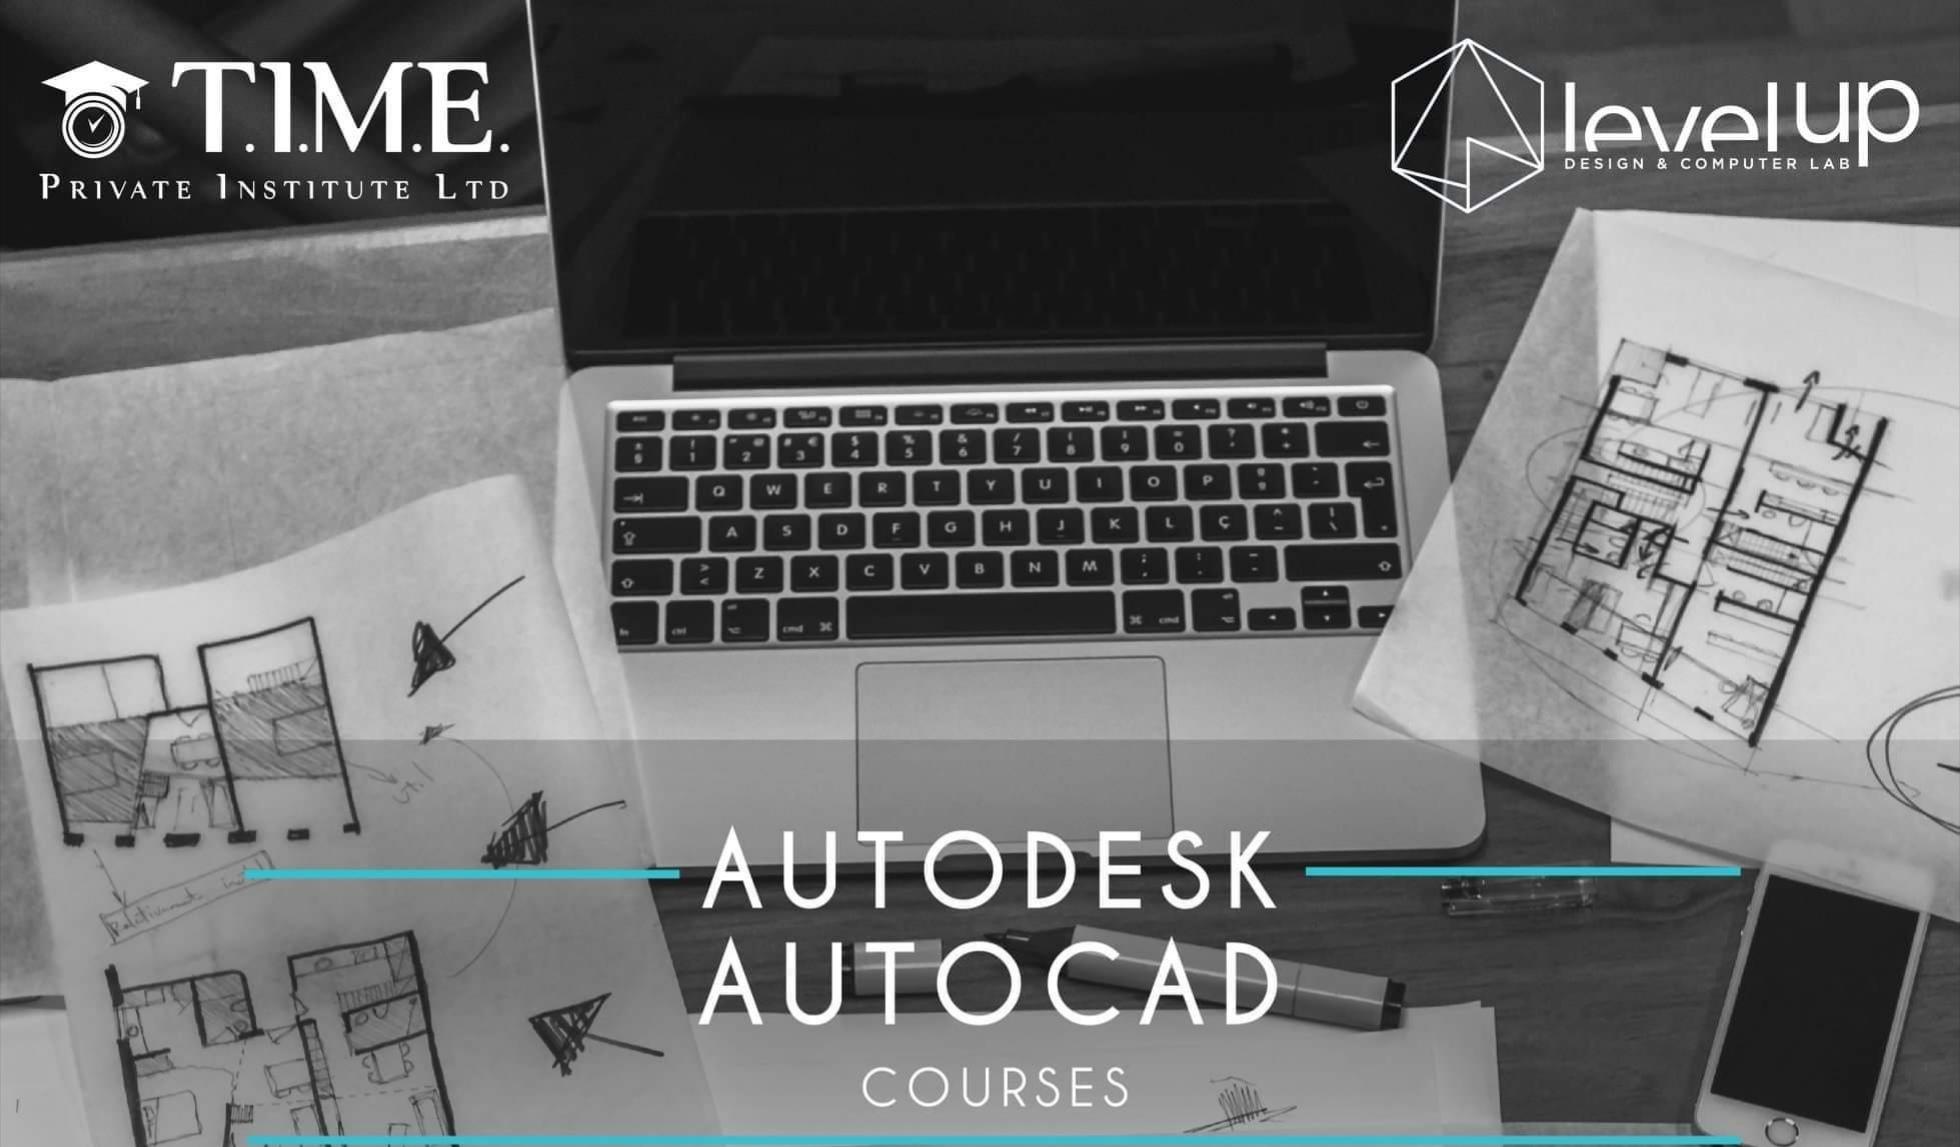 Μαθήματα AutoCAD 2D σχεδιασμού στο Τ.Ι.Μ.Ε. με το Level Up